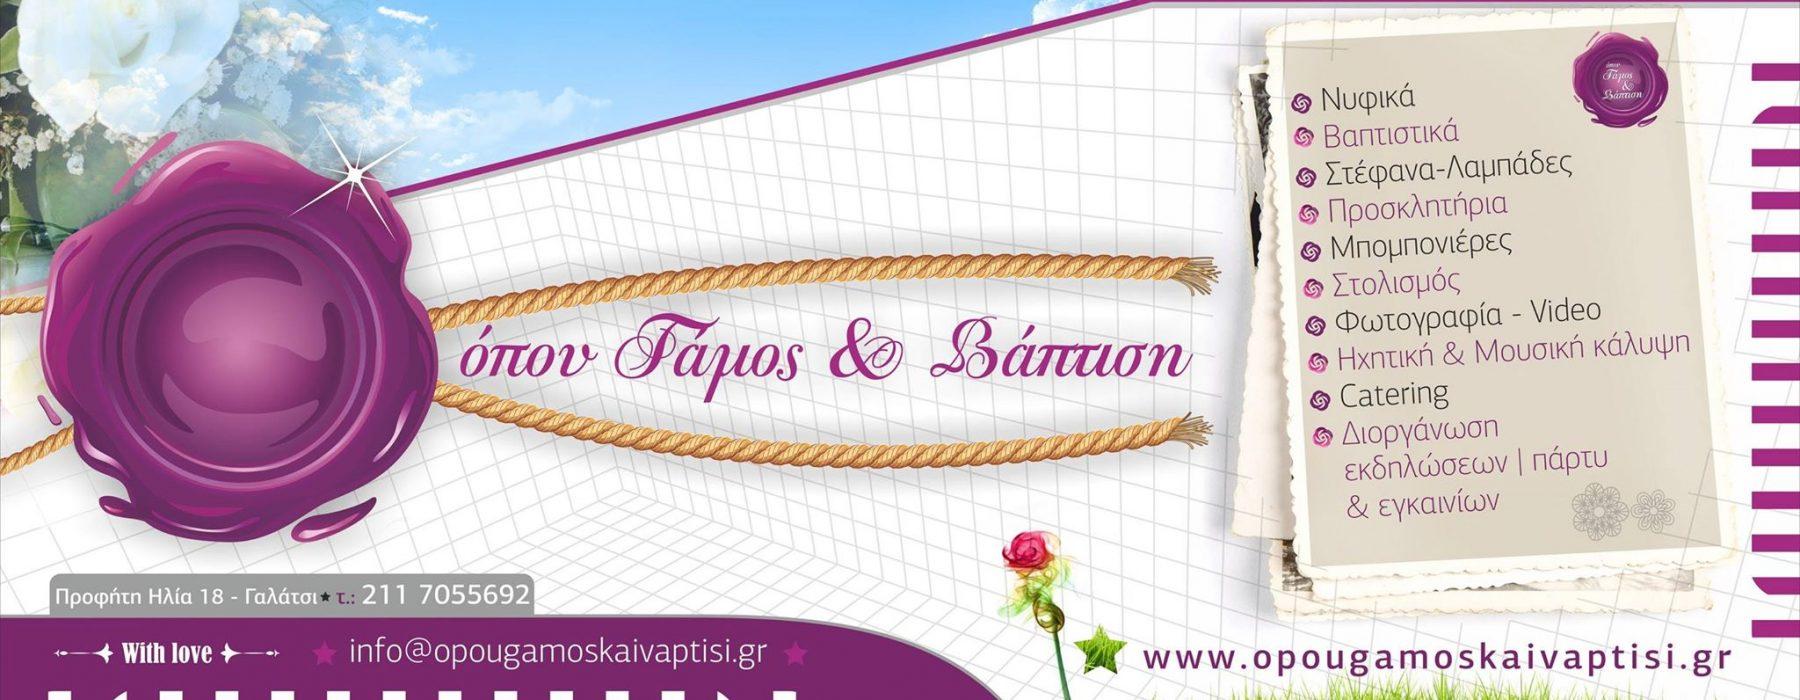 Όπου Γάμος & Βάπτιση – Στολισμοί